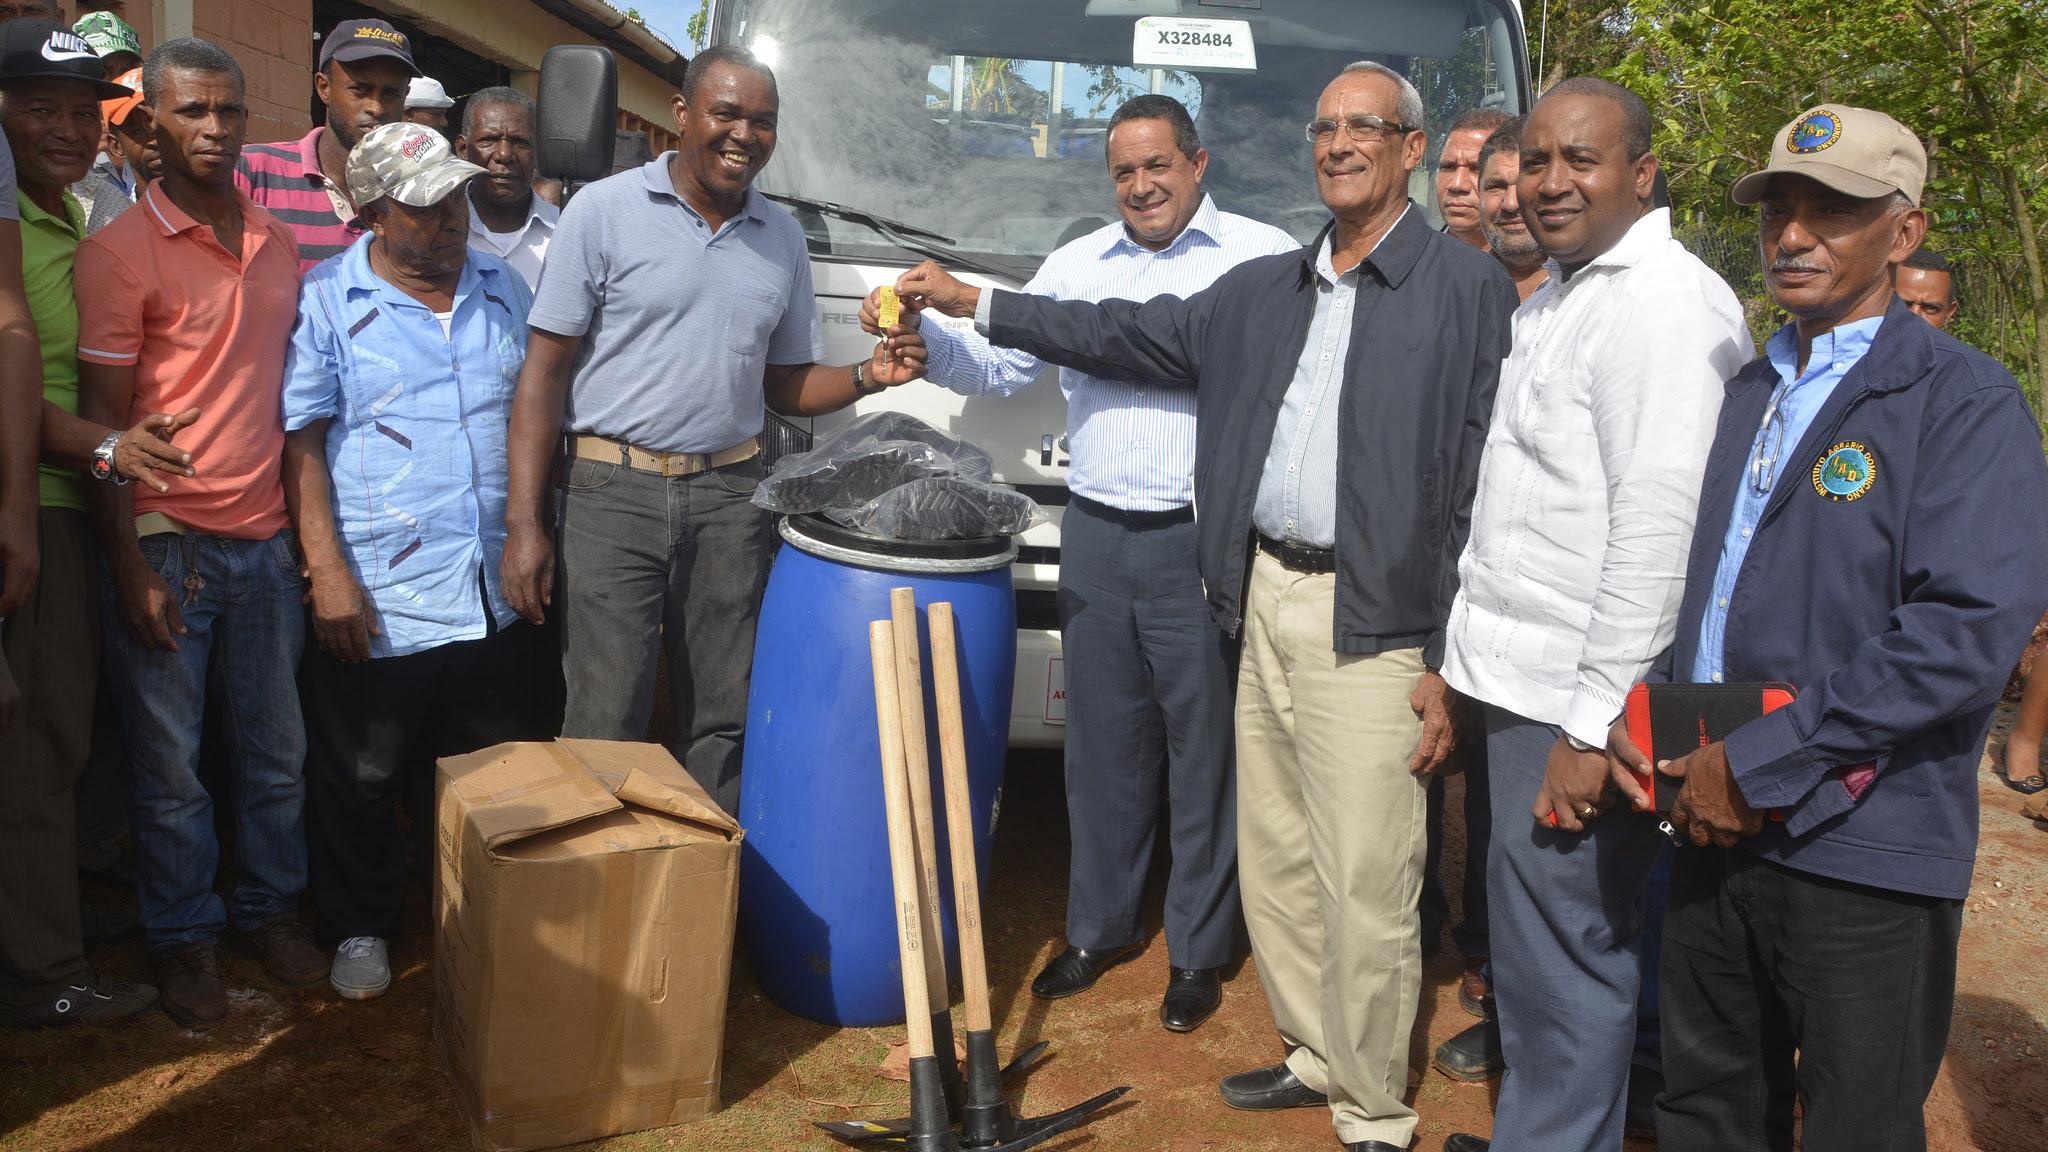 , Gobierno entrega camión e implementos agrícolas a productores de jengibre de Samaná